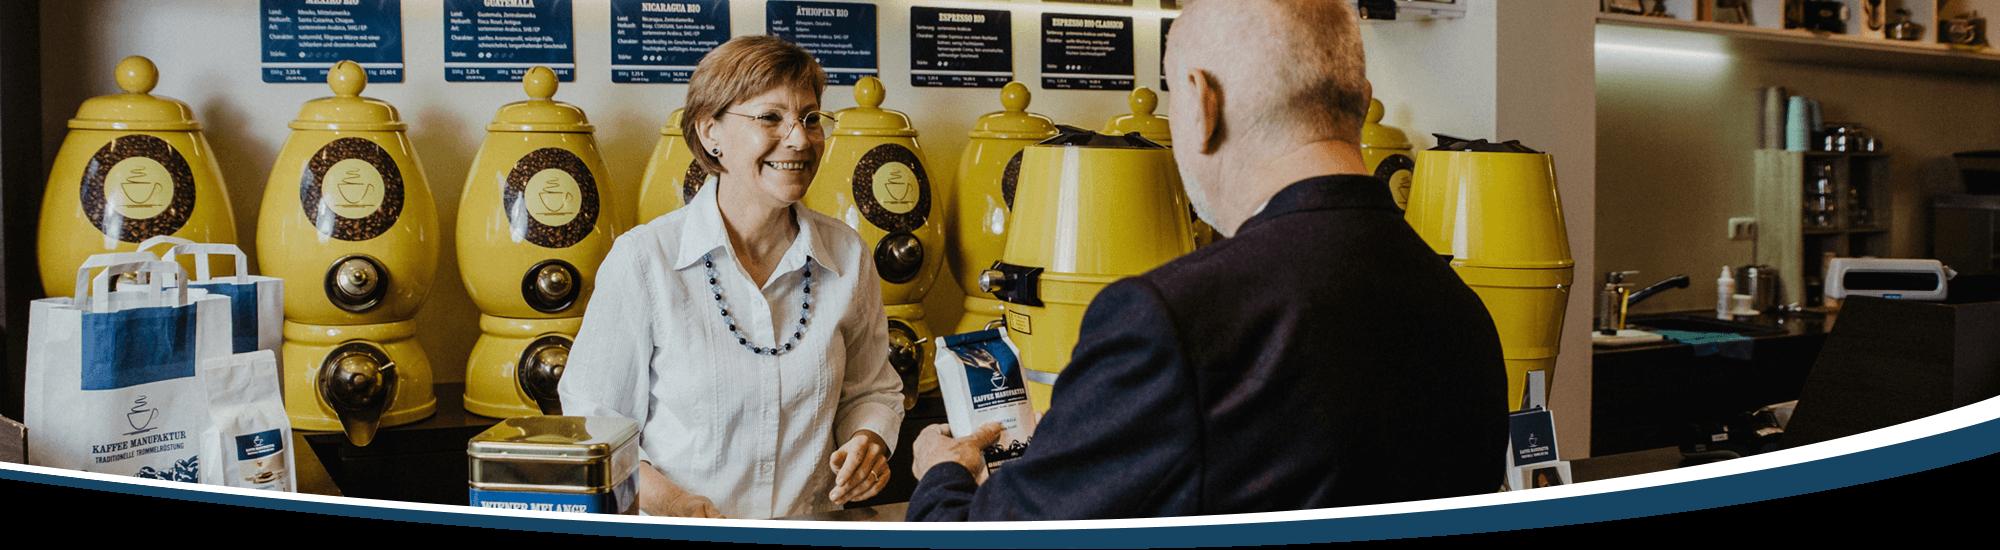 Die Inhaberin Andrea Werner übergibt einem Kunden seinen frisch gemahlenen Kaffee.